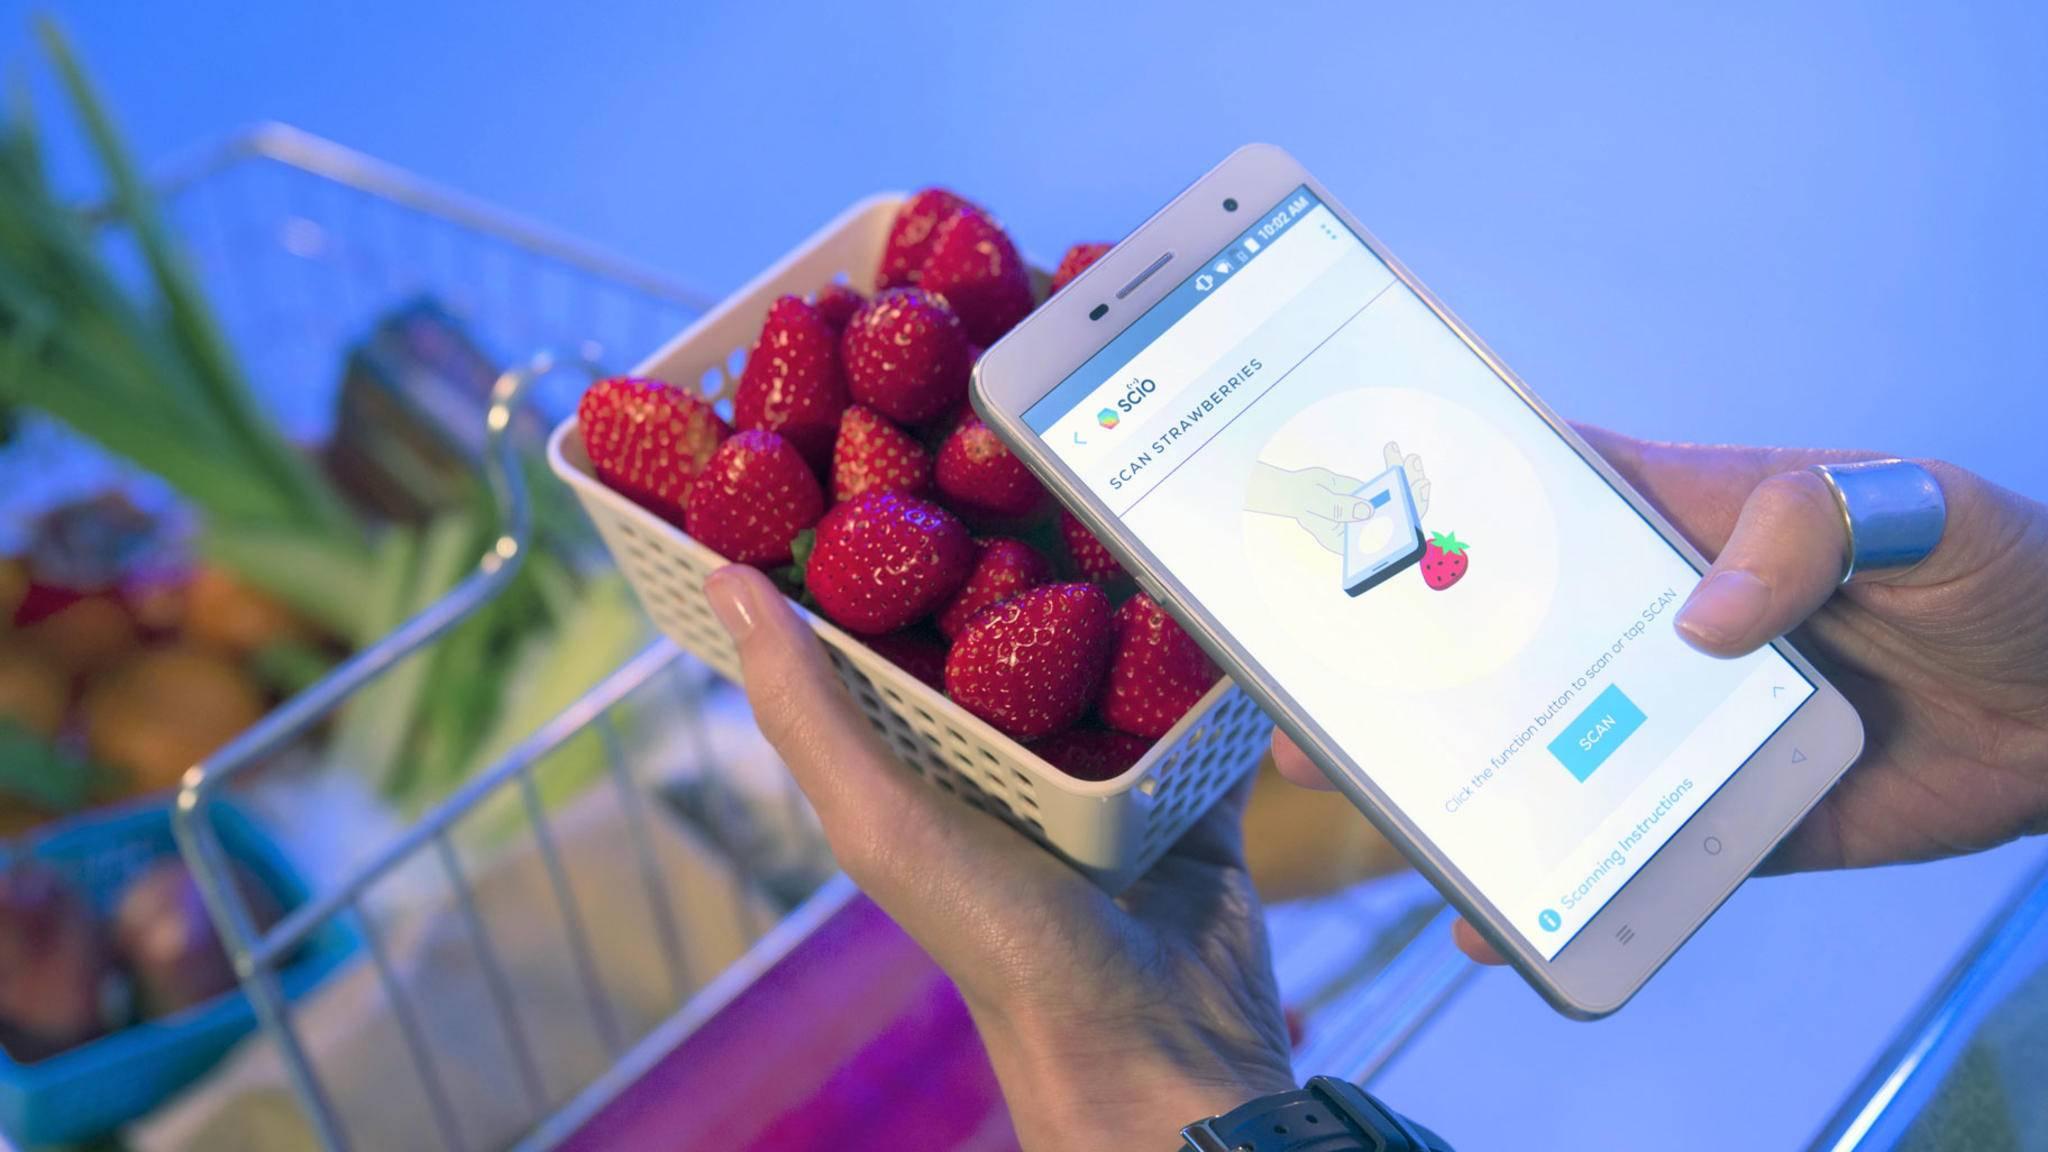 Wie frisch die Erdbeeren wohl sein mögen? Das Changhong H2 verrät es Dir.